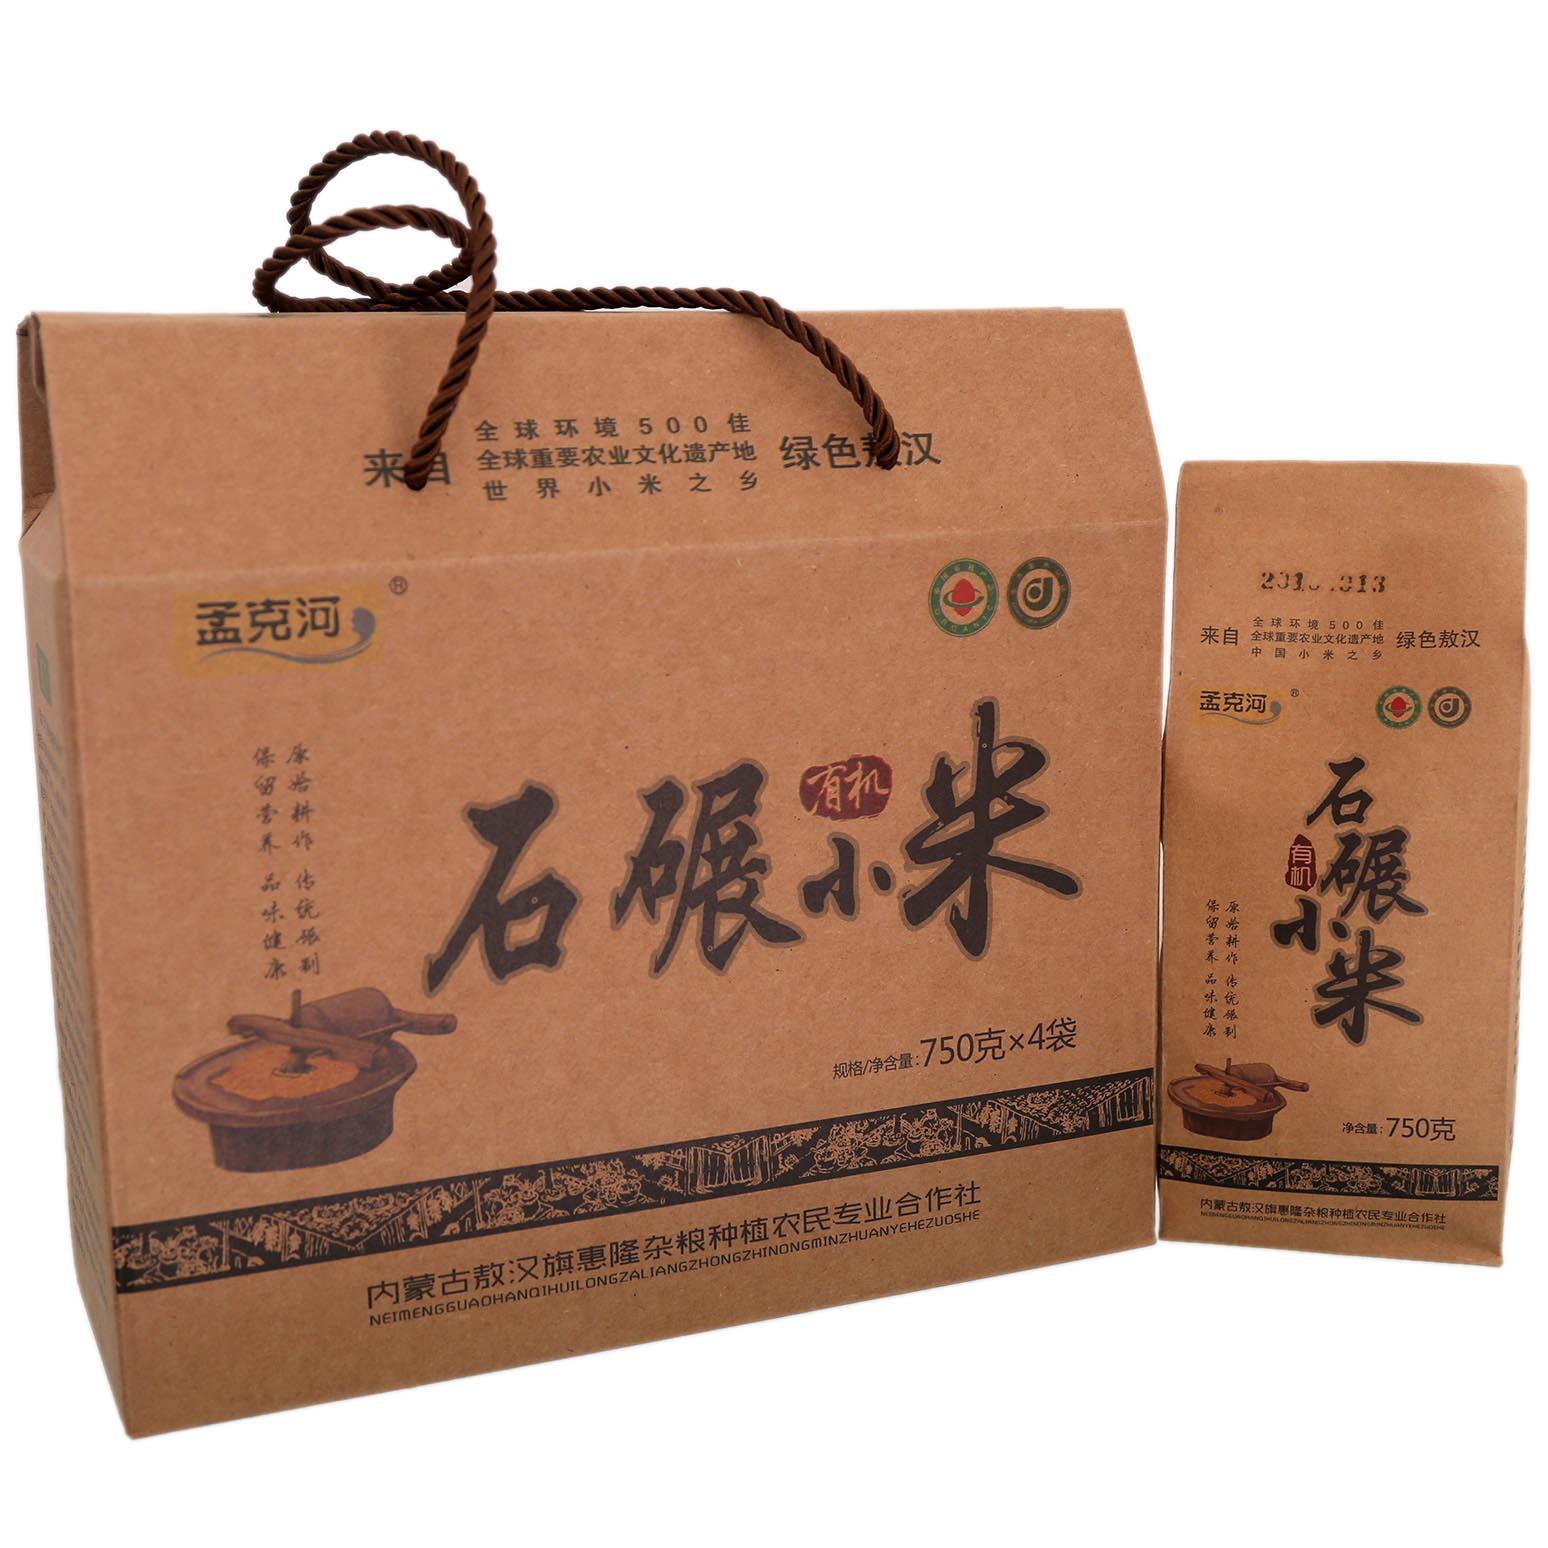 敖汉有机石碾小米 赤峰黄小米产地直销 3KG精品礼盒装